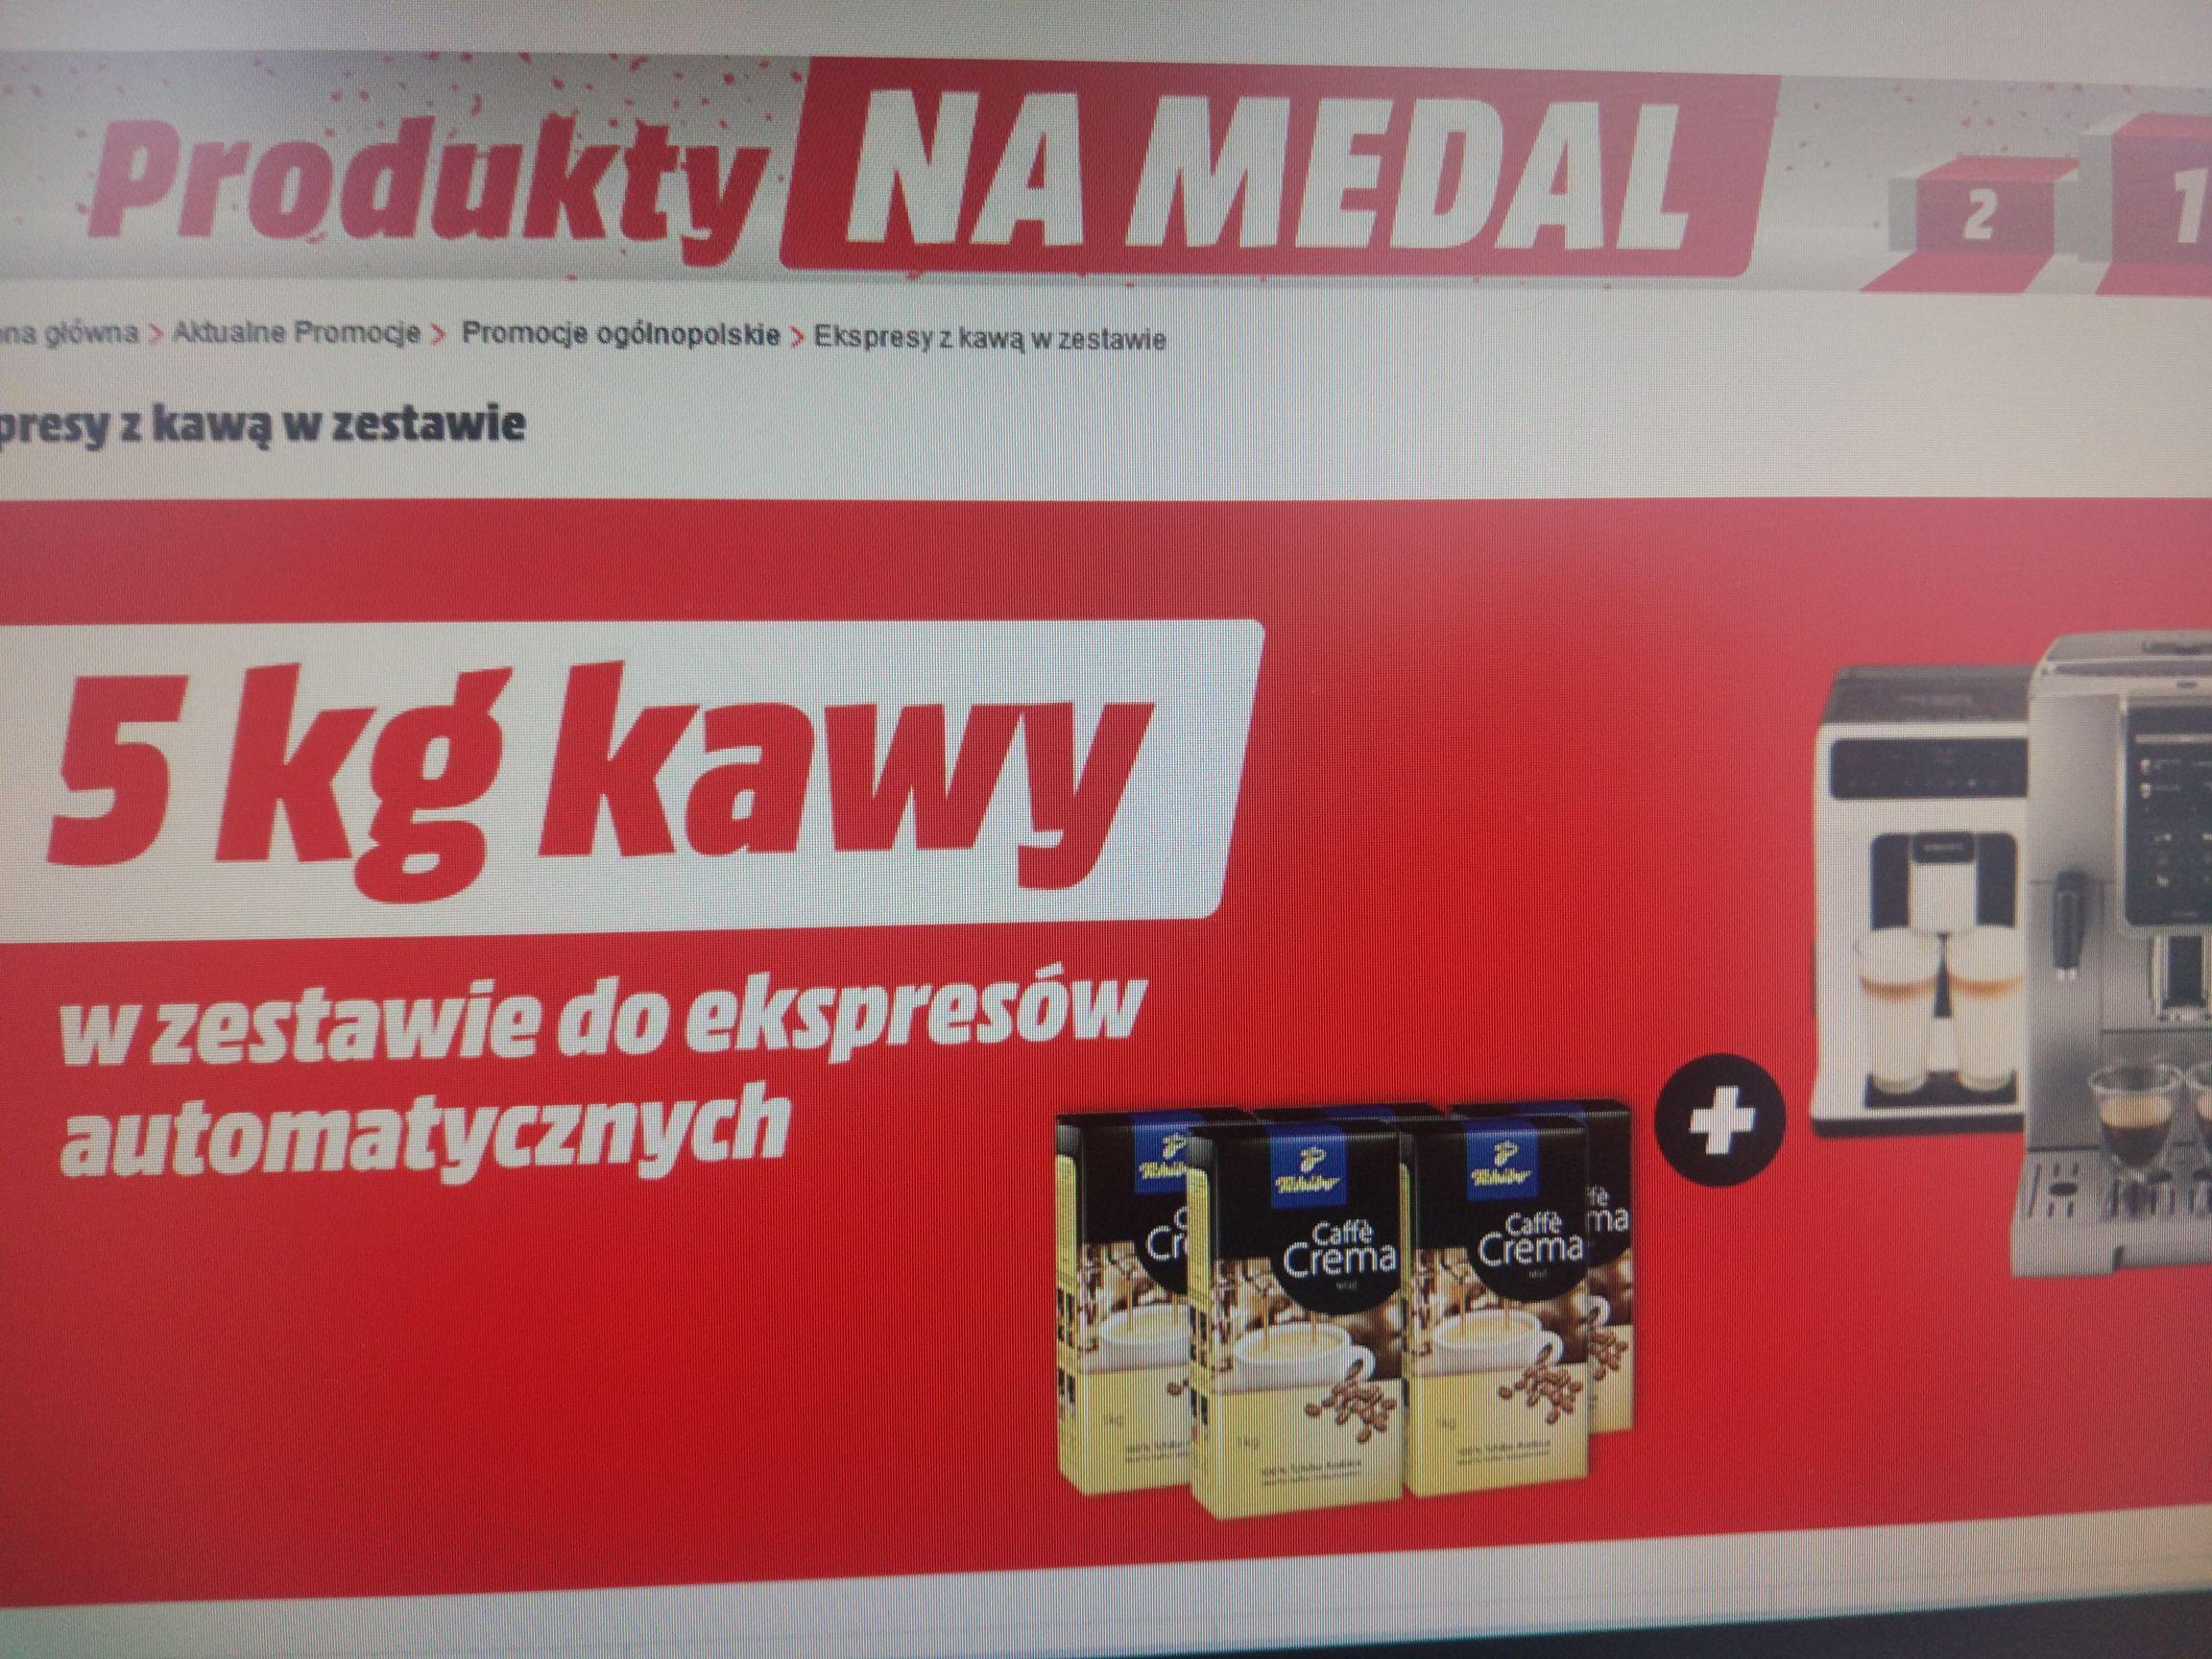 Ekspres +5kg kawy gratis Media Markt